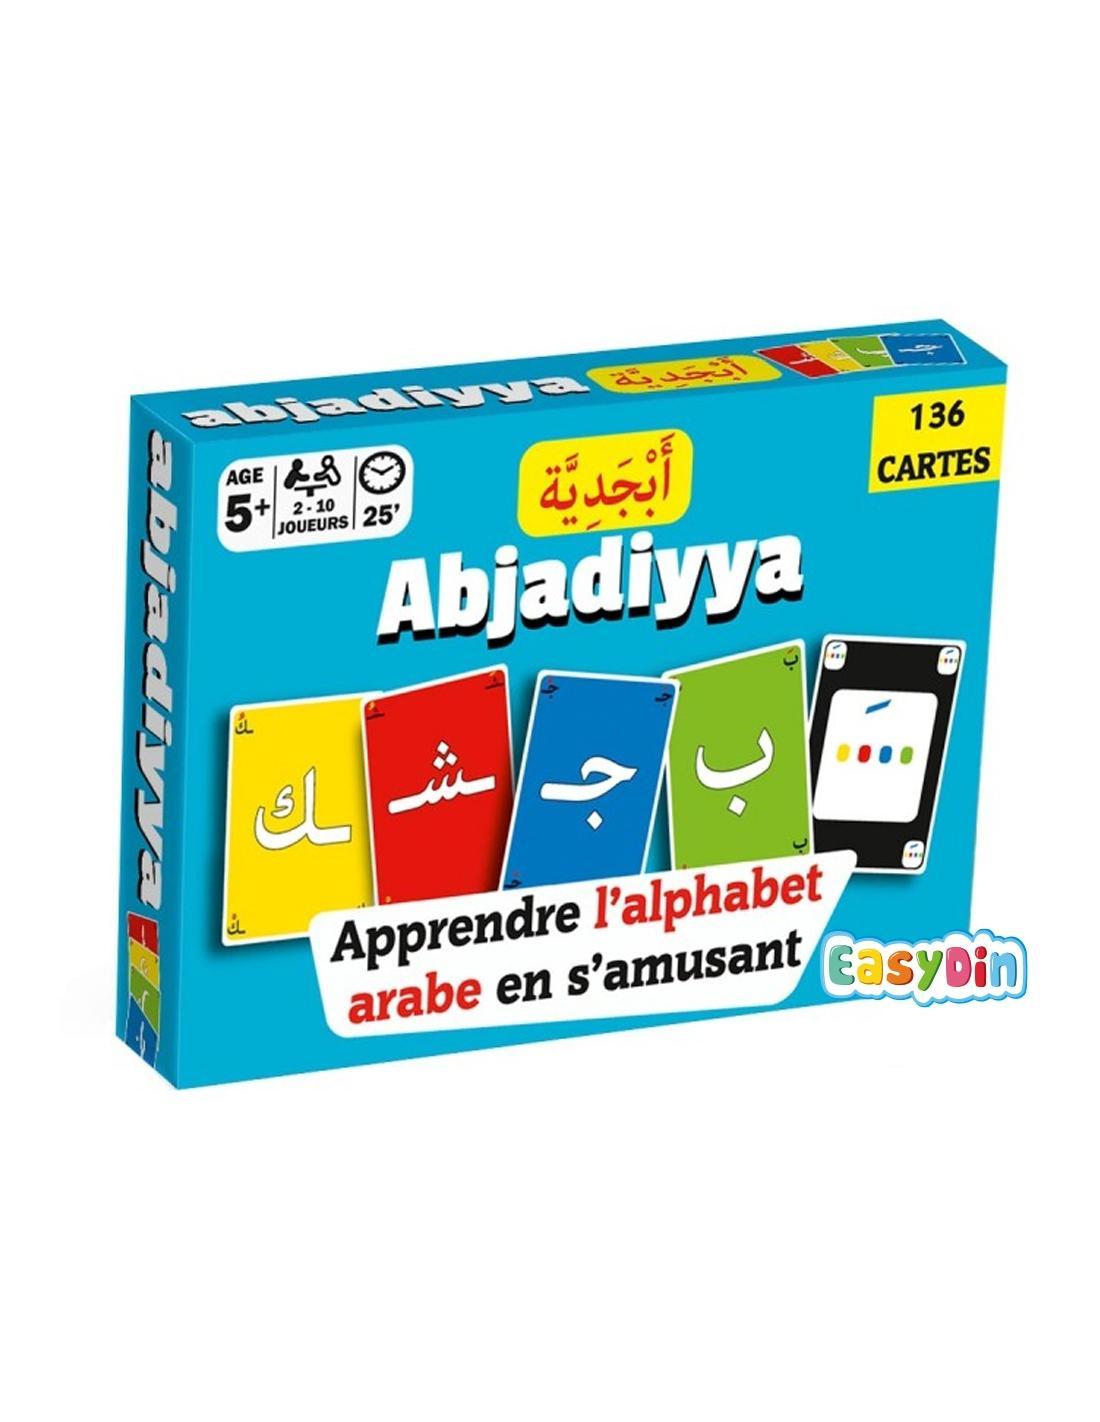 Jeux Islamique, Jeu De Cartes - Apprendre L'alphabet Arabe intérieur Jeux Pour Apprendre L Alphabet